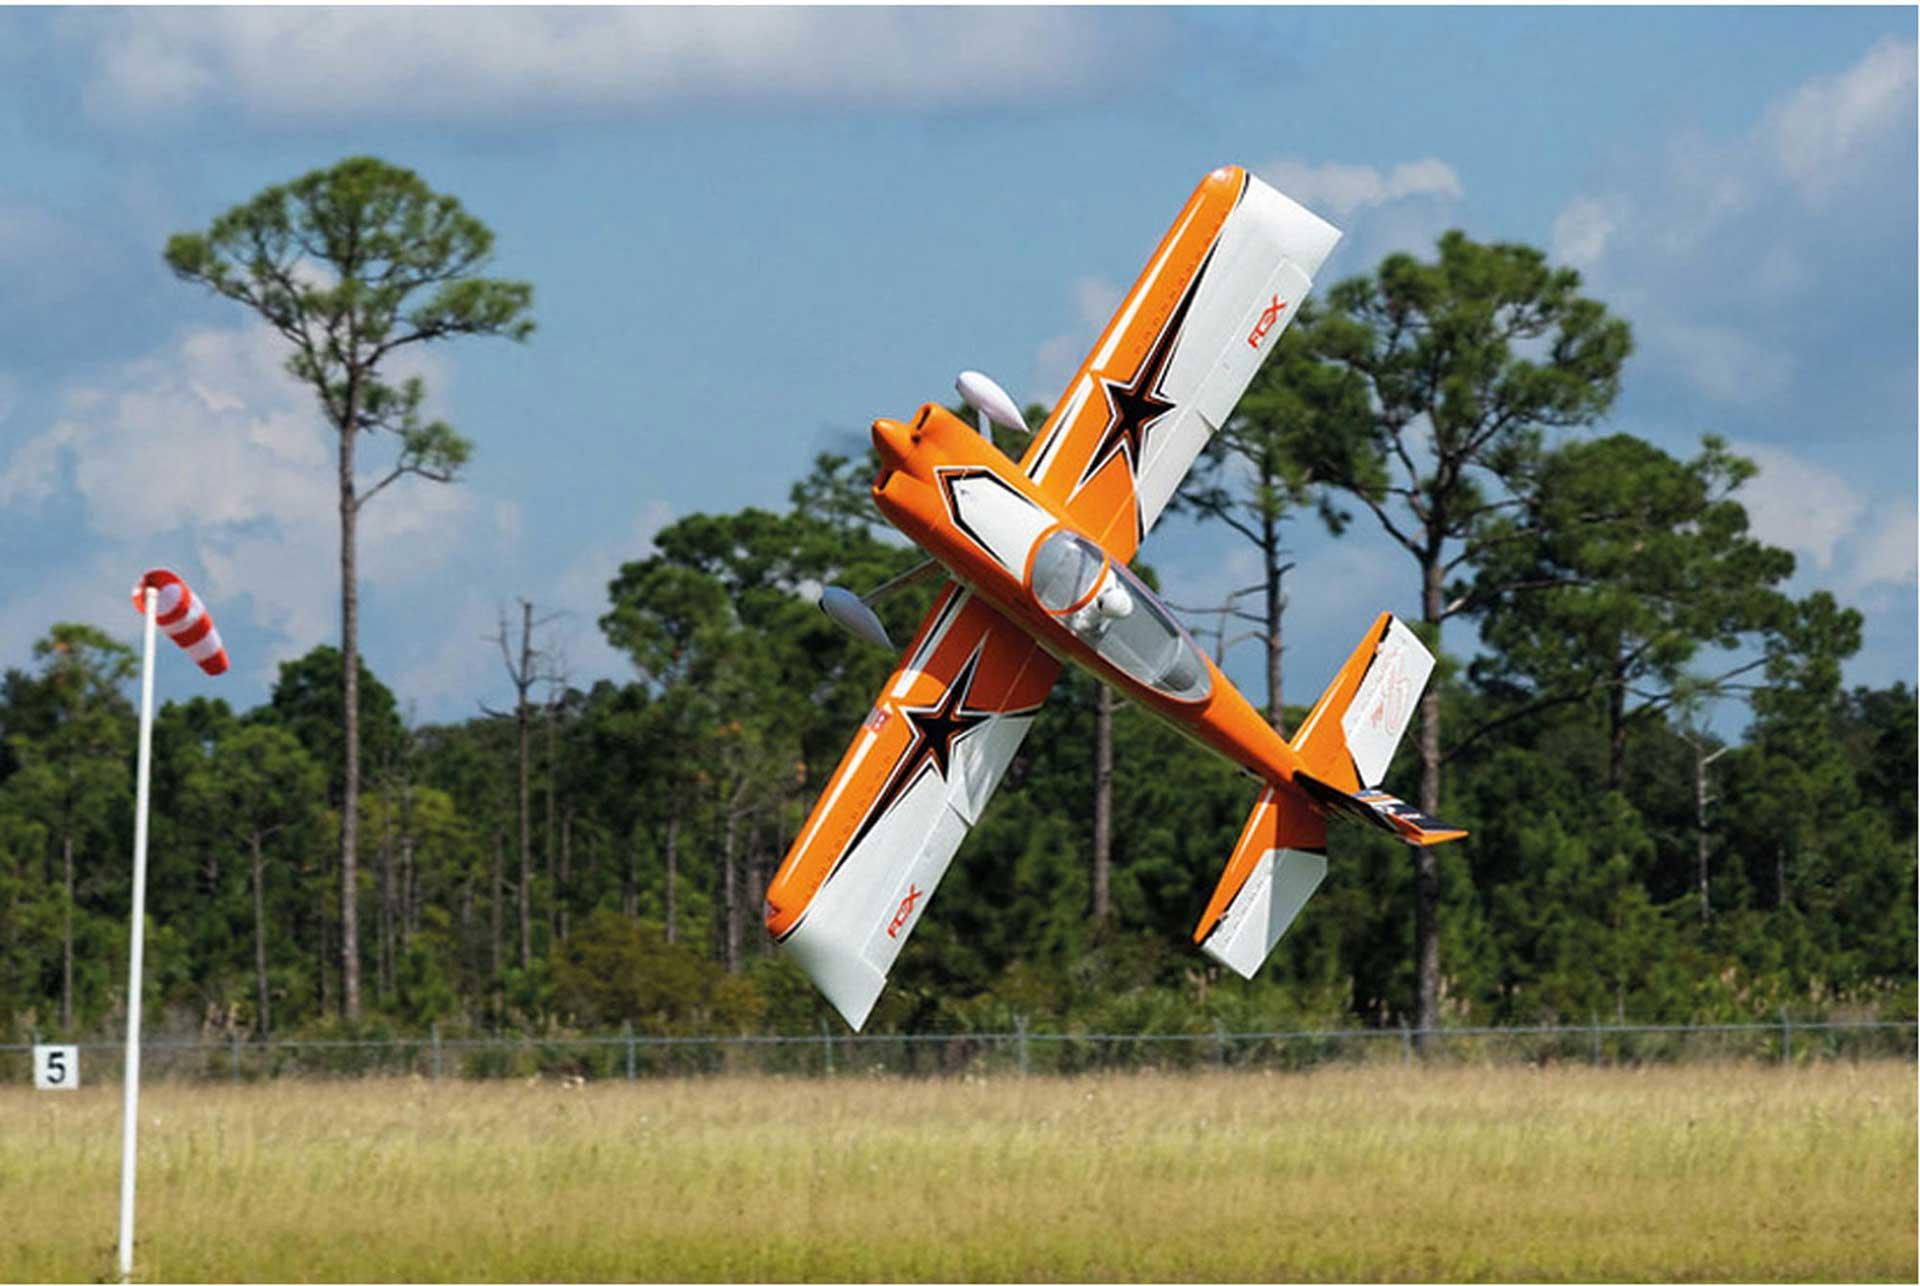 PREMIER AIRCRAFT RV-8 SUPER PNP ORANGE MIT AURA 8